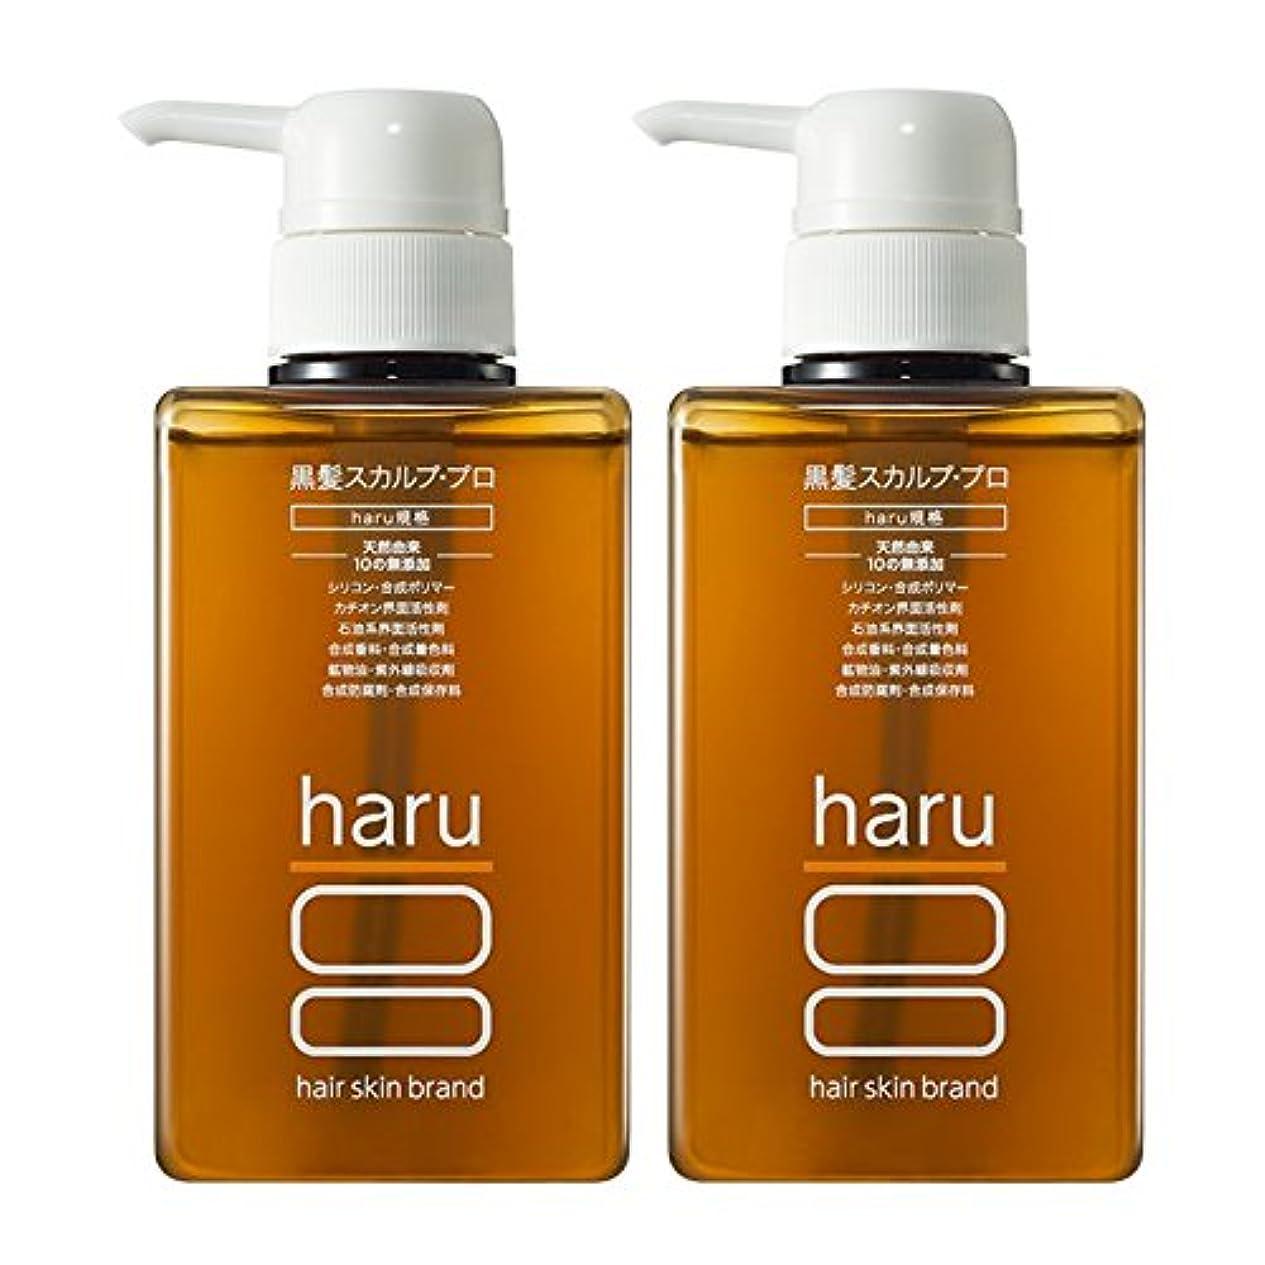 文明キャスト寝室を掃除する《5% OFF》haru 黒髪スカルプ?プロ 400ml 2本セット